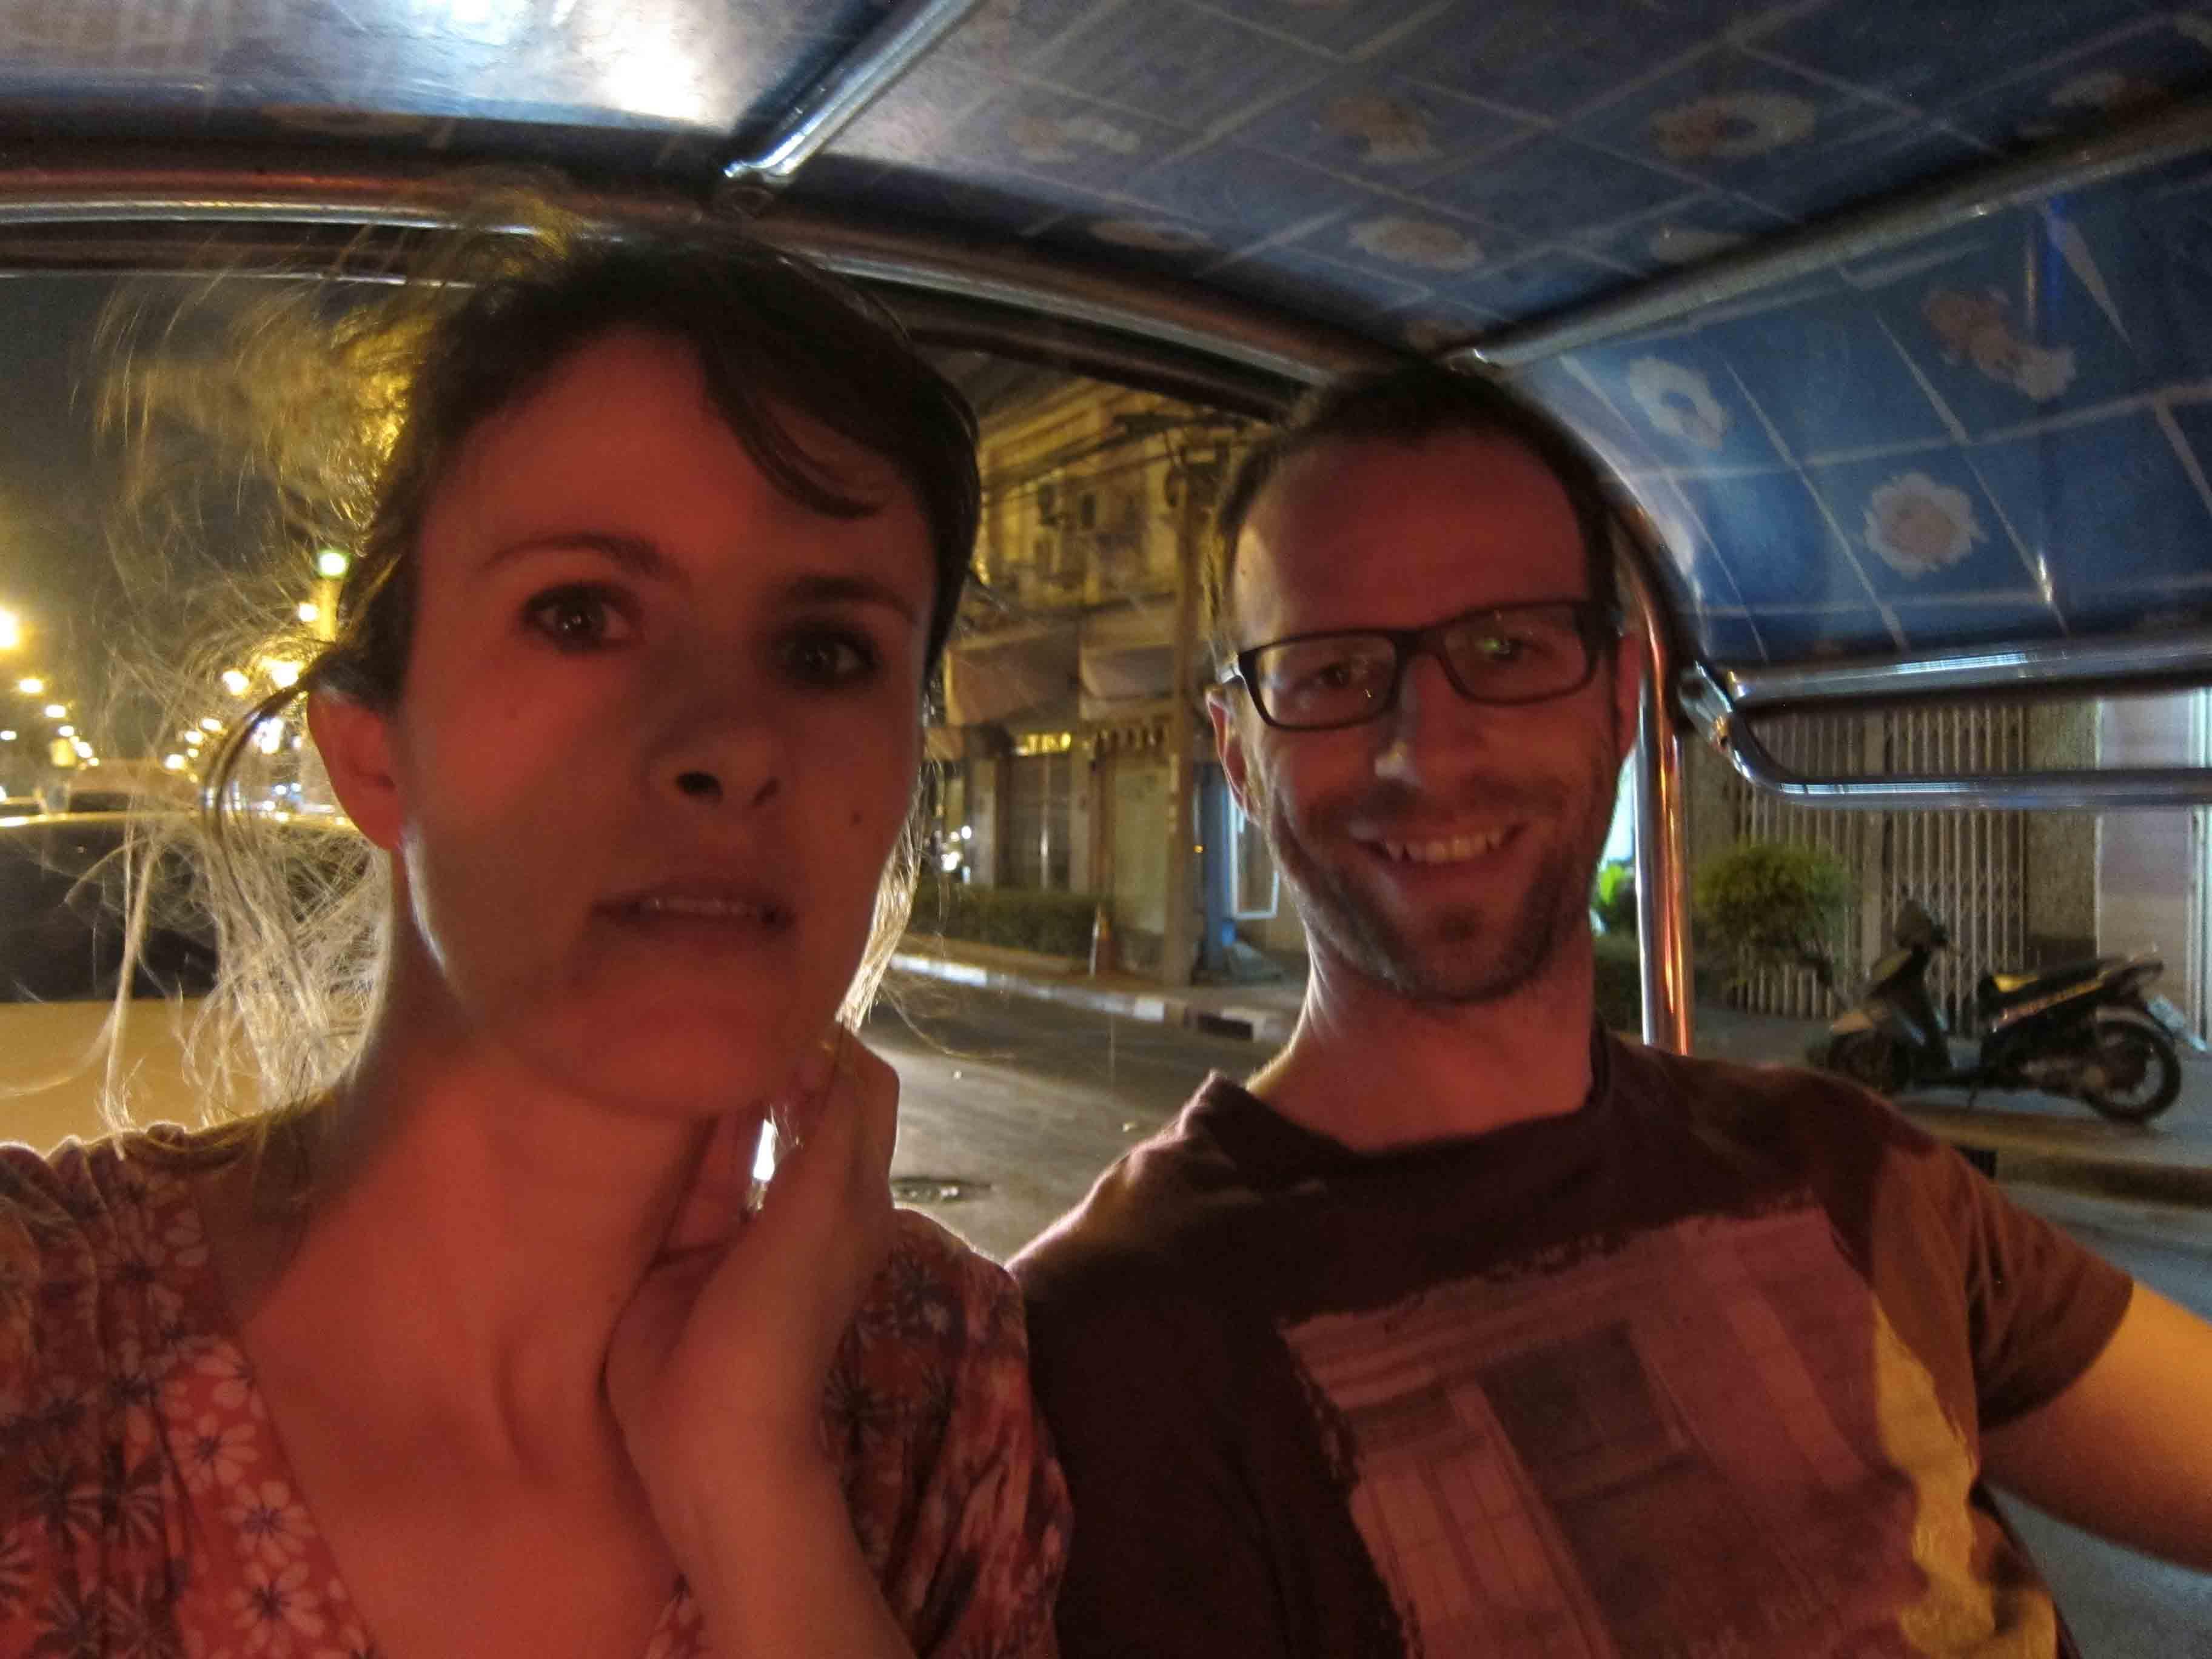 Erik-et-Vero-en-tuk-tuk-Bangkok-Thailande.jpg